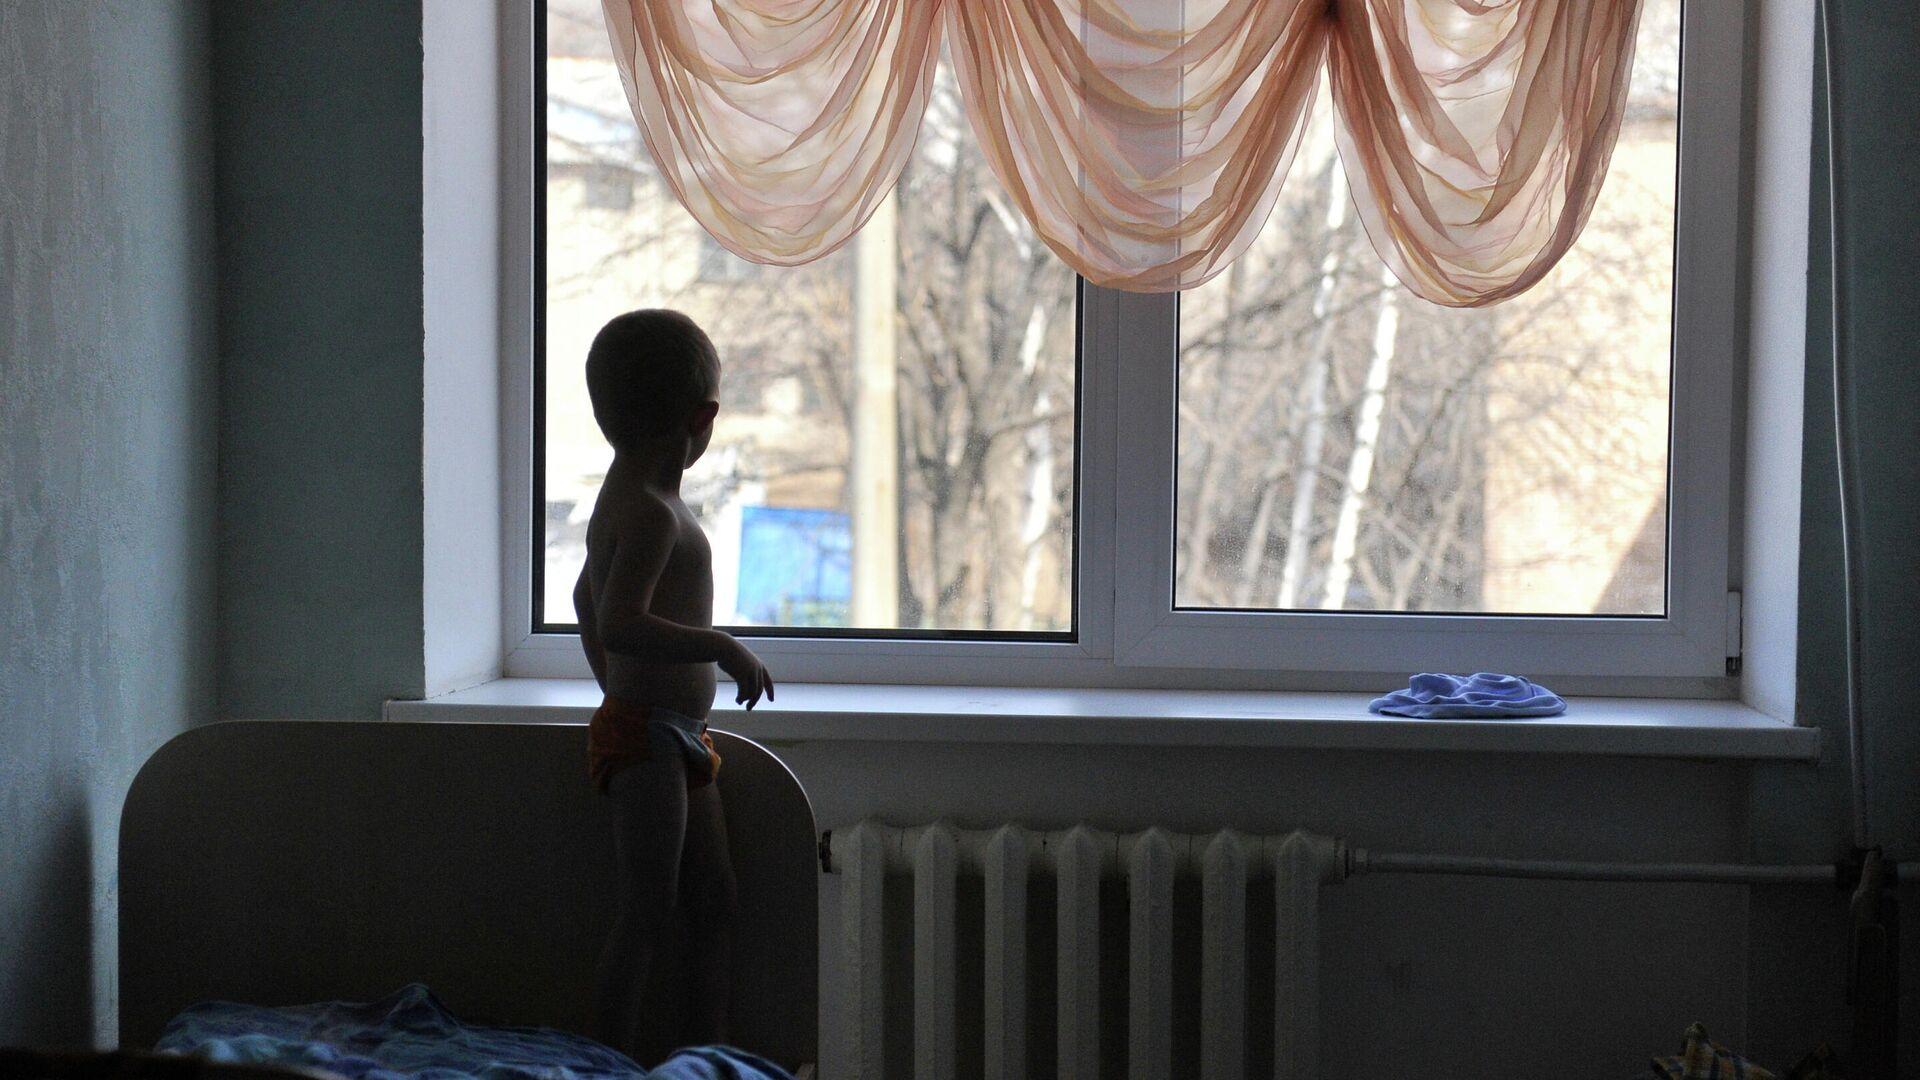 Ребенок - РИА Новости, 1920, 25.06.2021